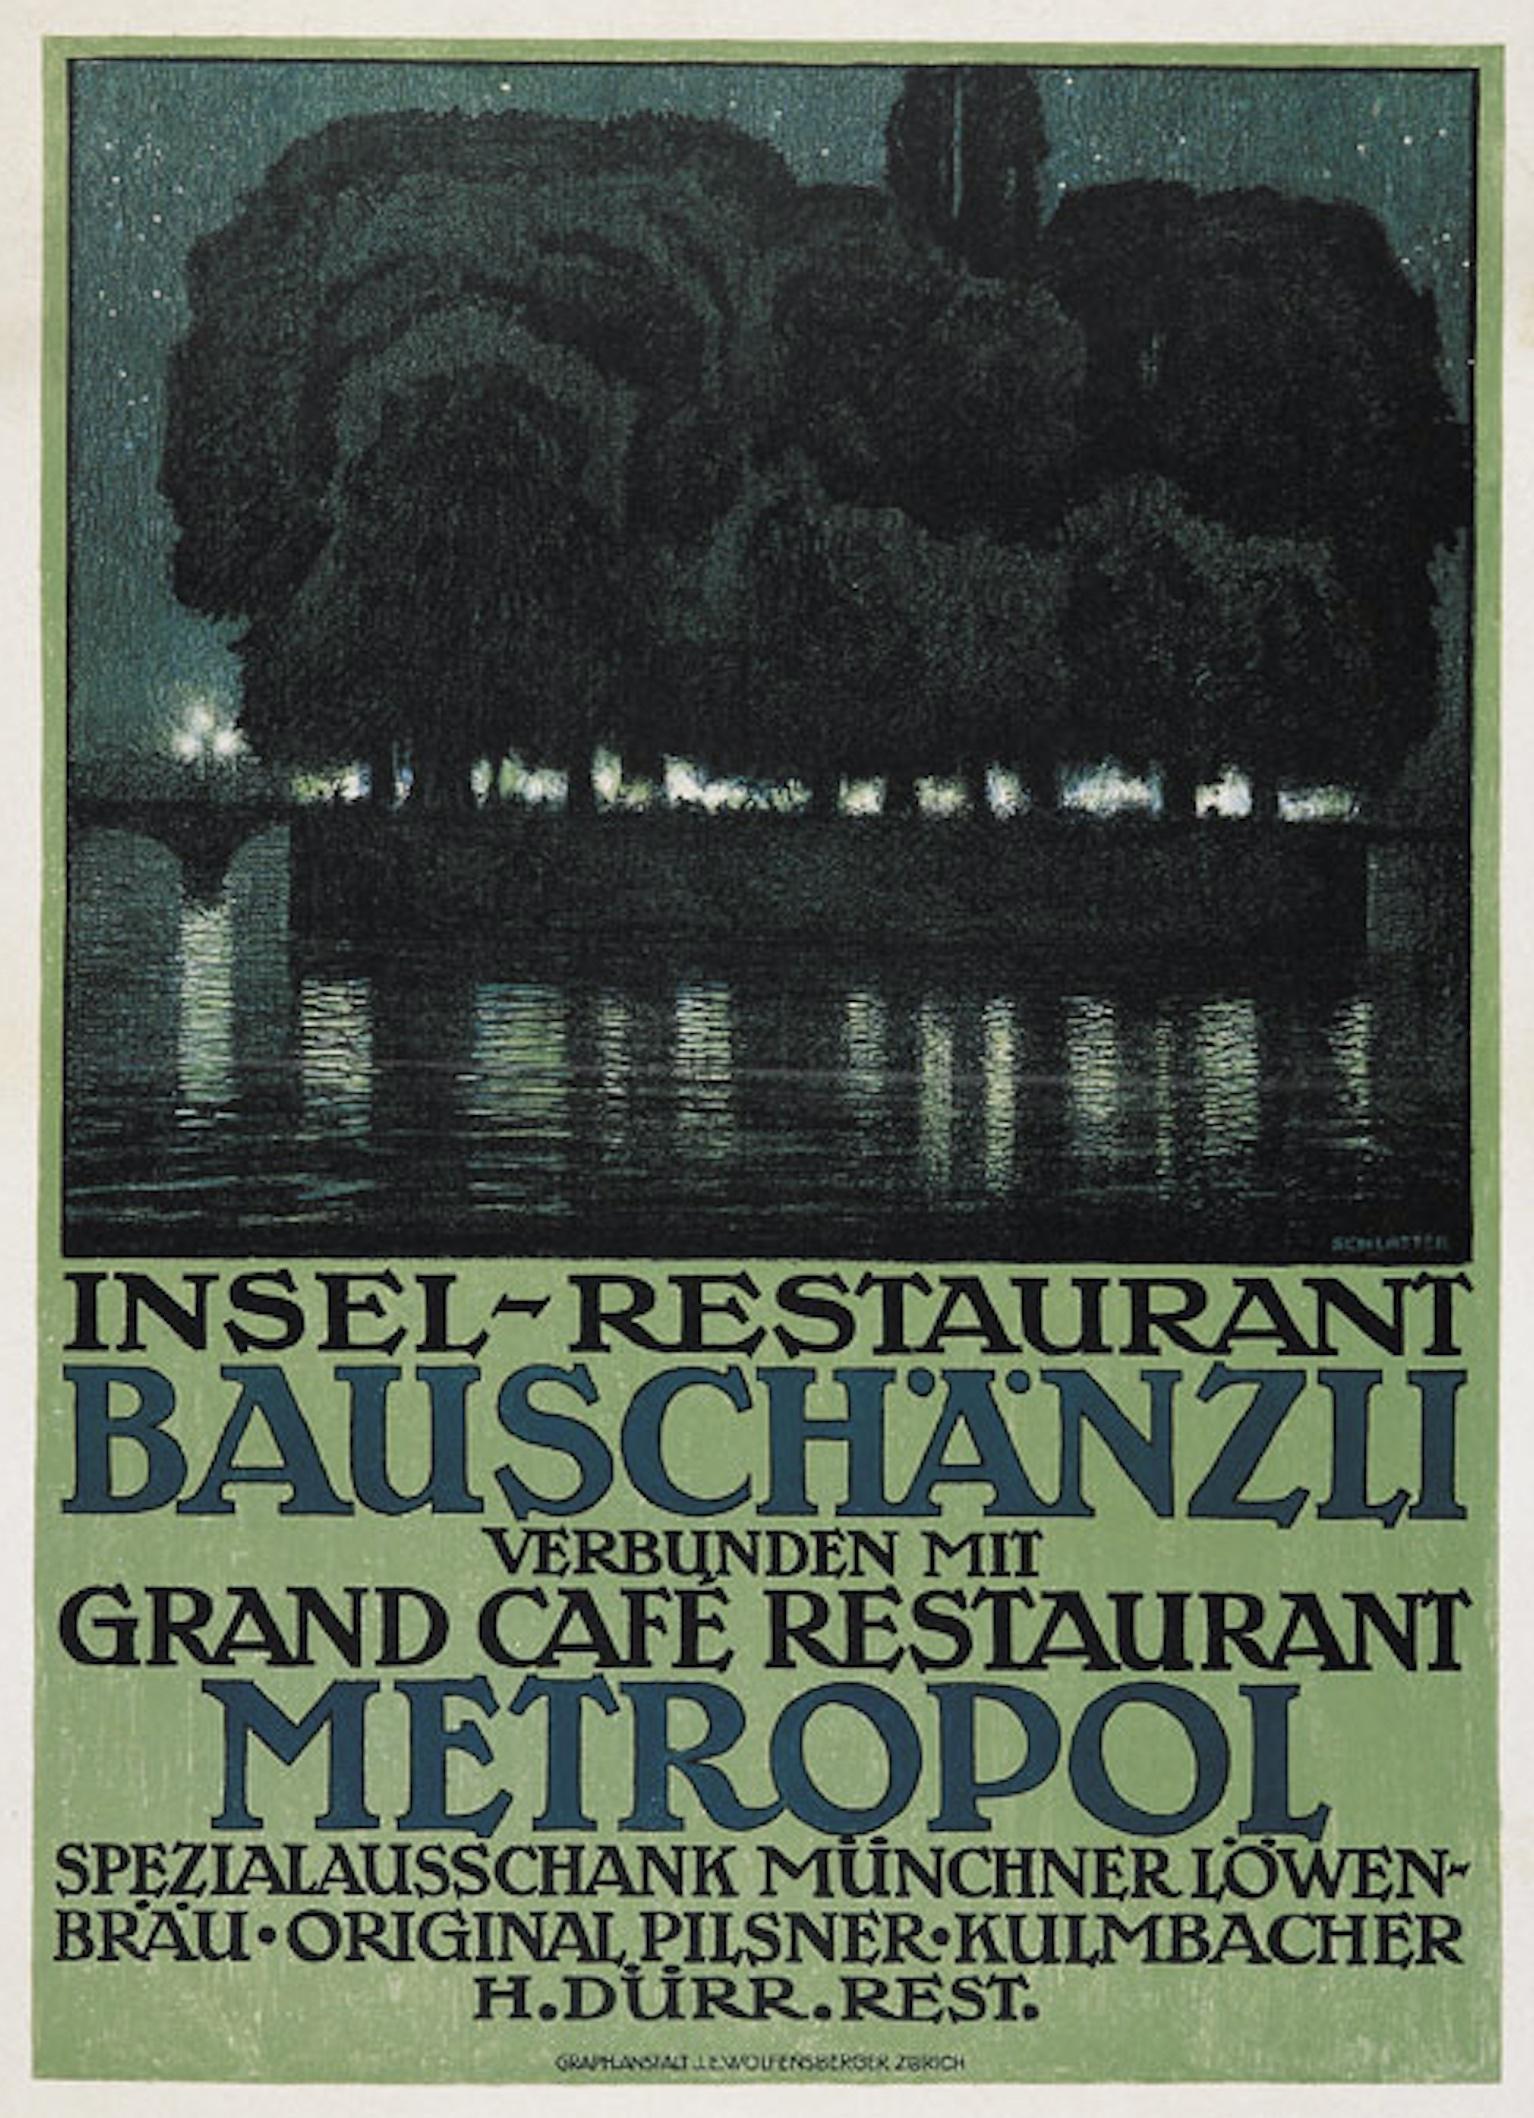 Ernst Emil Schlatter, 1917: Insel-Restaurant Bauschänzli